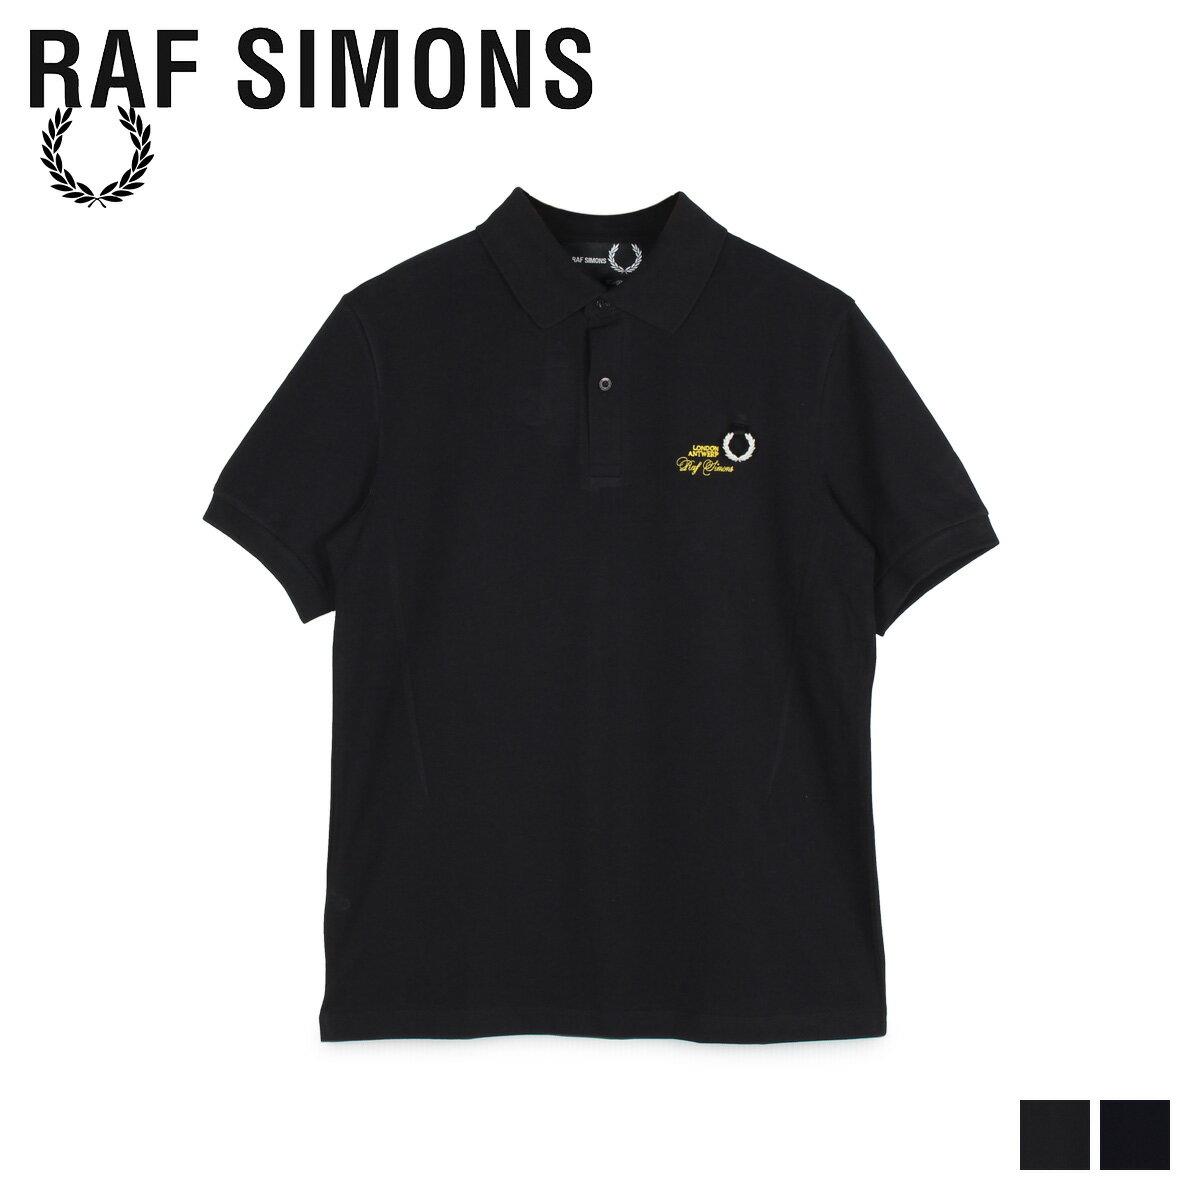 メンズウェア, ポロシャツ 1000OFF FRED PERRY RAF SIMONS SLIM FIT POLO SHIRT SM8121